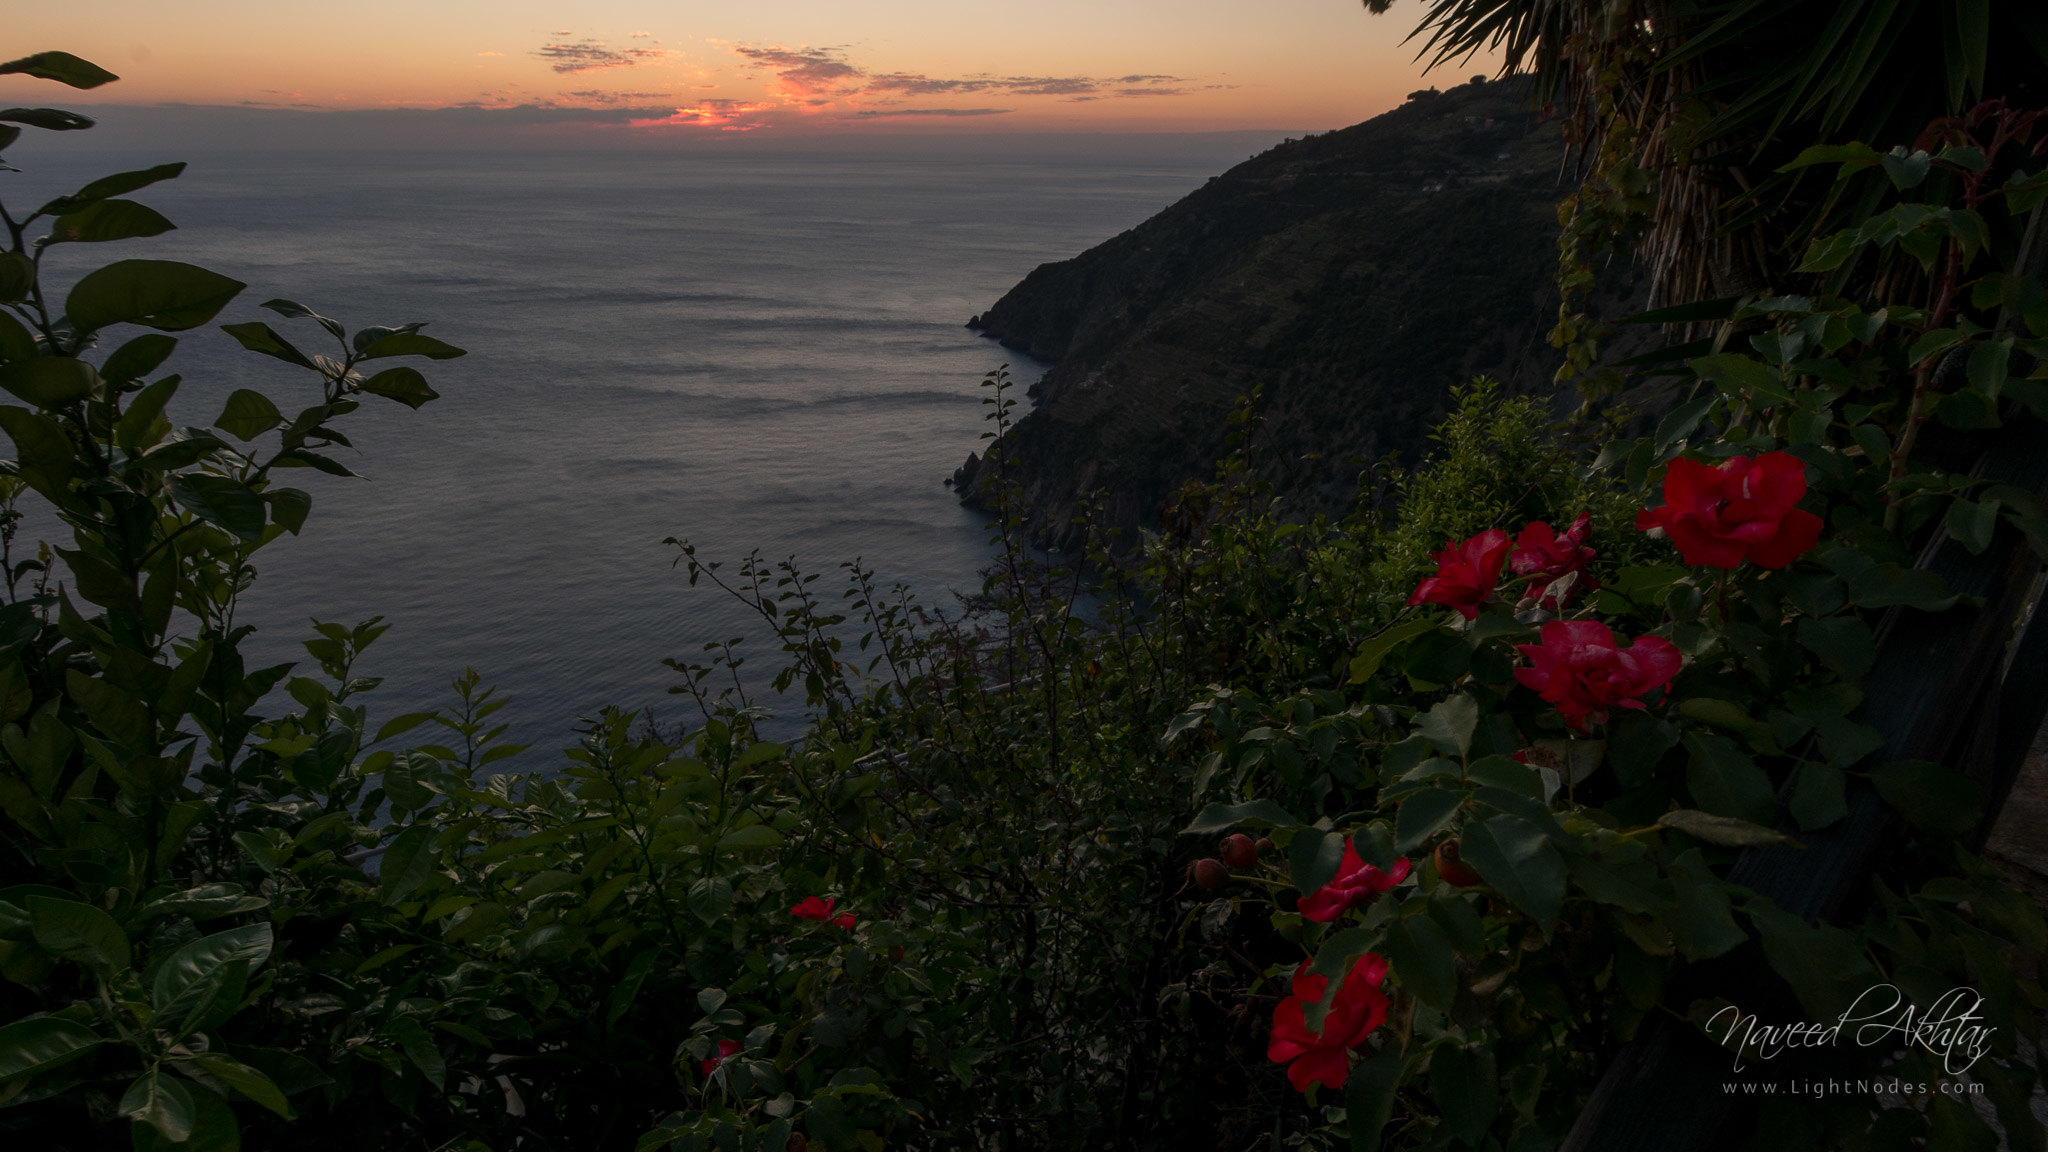 Sunset over Tyrhanian sea near Riomaggiore in Riomaggiore, Liguria with Panasonic DMC-GX7